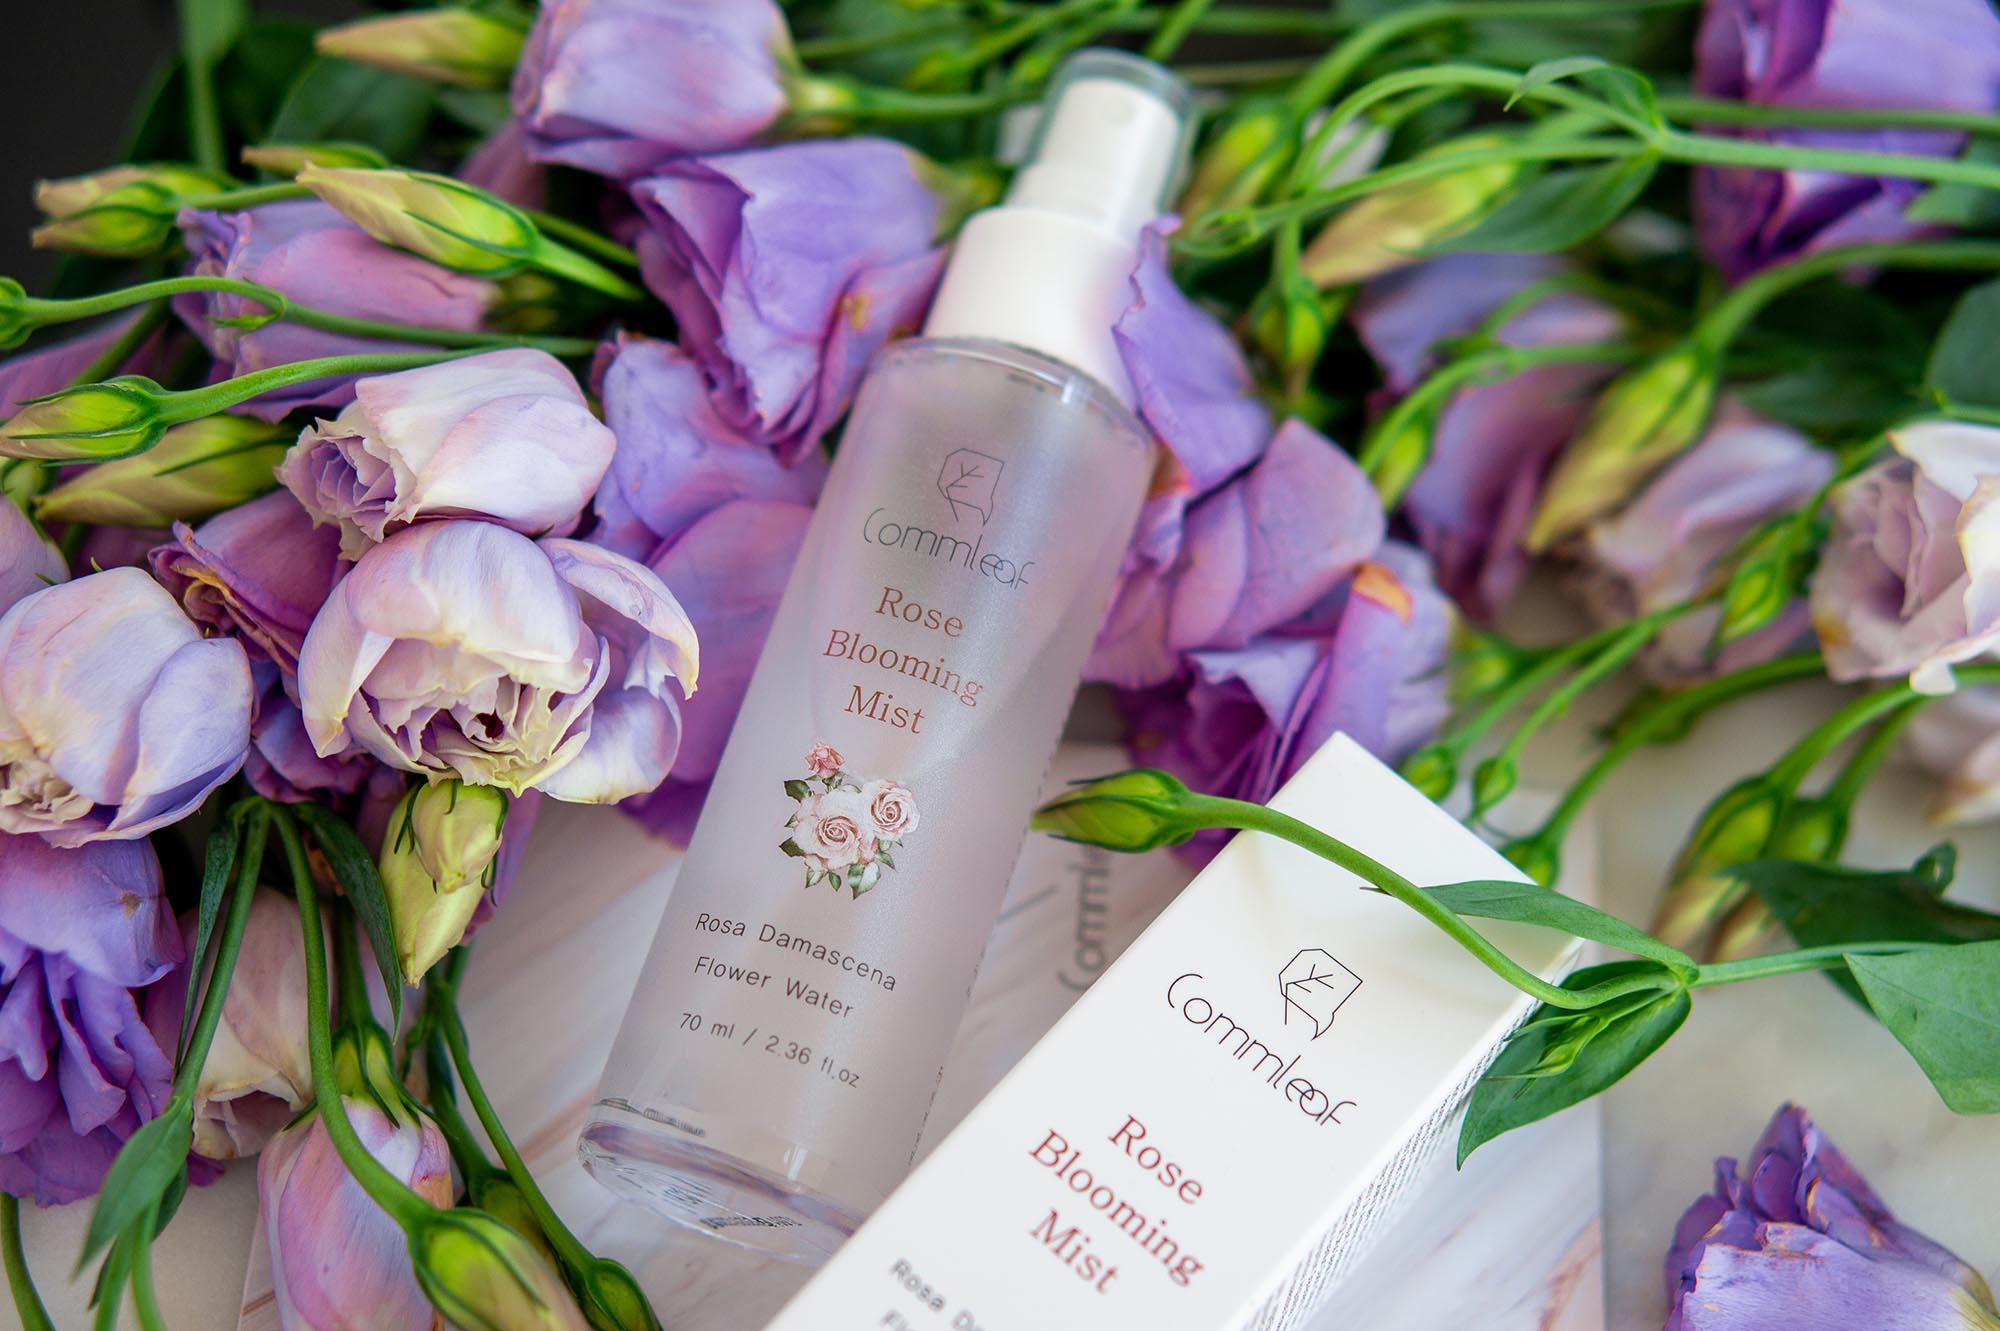 Приятное и полезное: увлажняющий спрей Rose Blooming Mist Commleaf